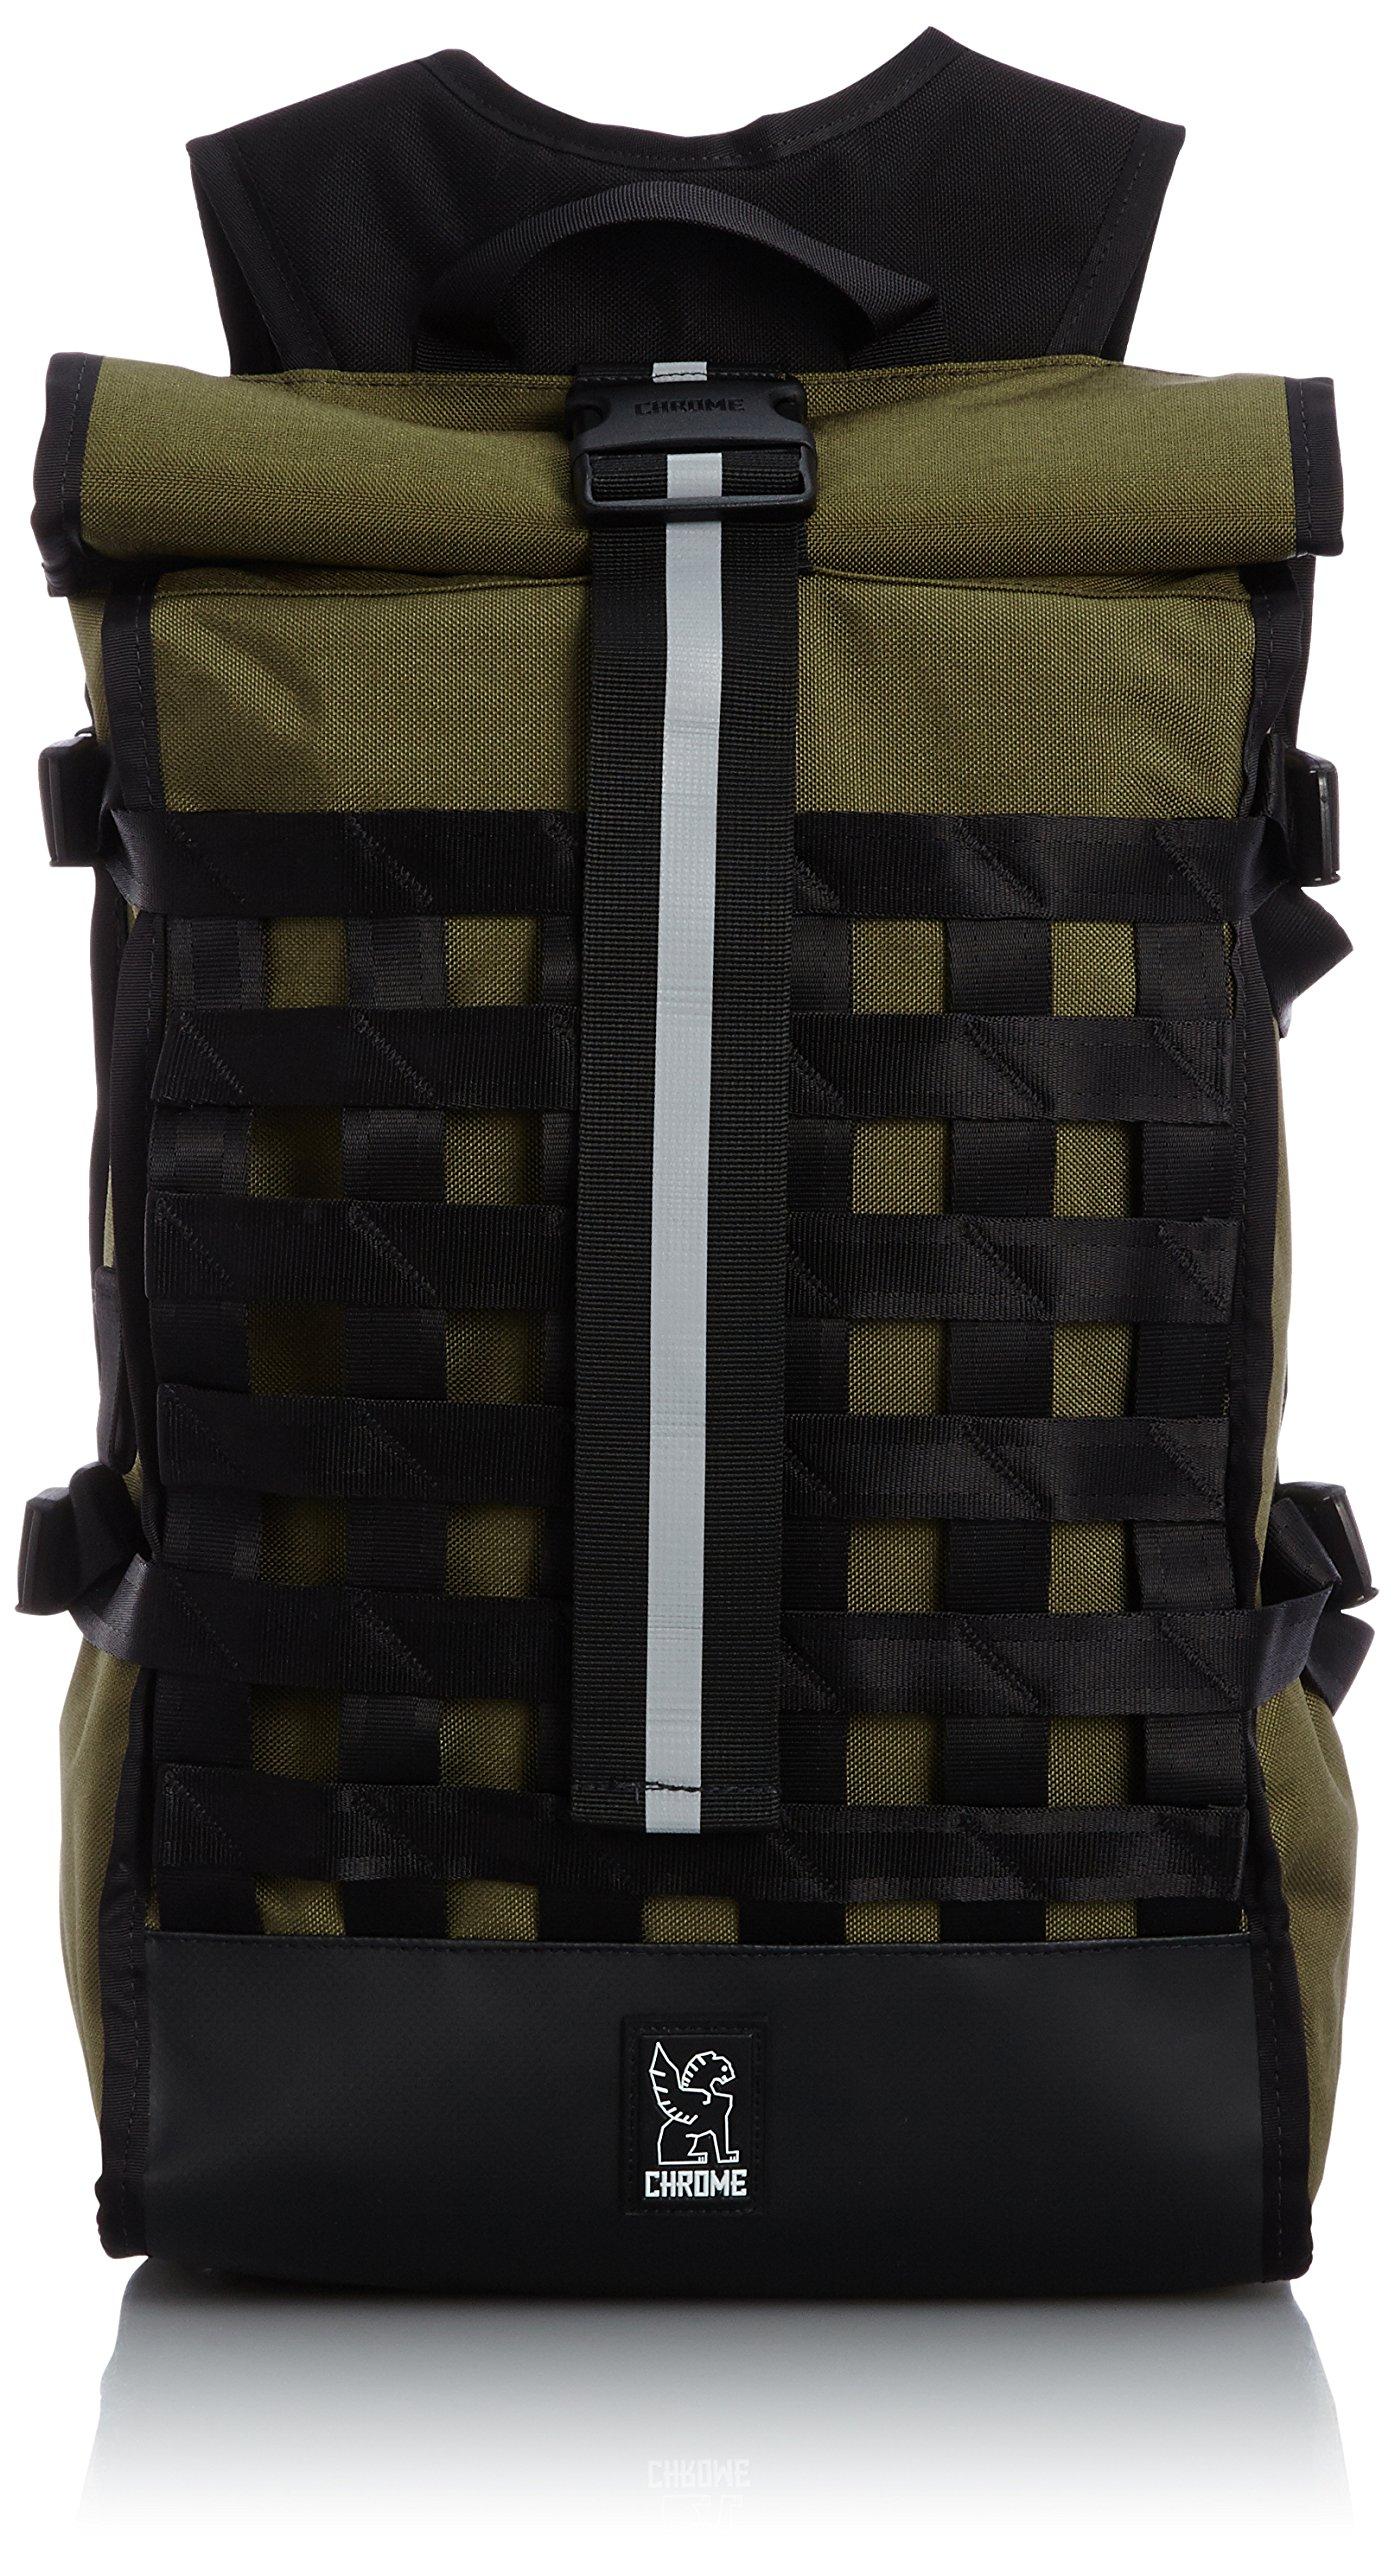 Chrome BG-163-MLBK Ranger/Black One Size Barrage Cargo Backpack by Chrome